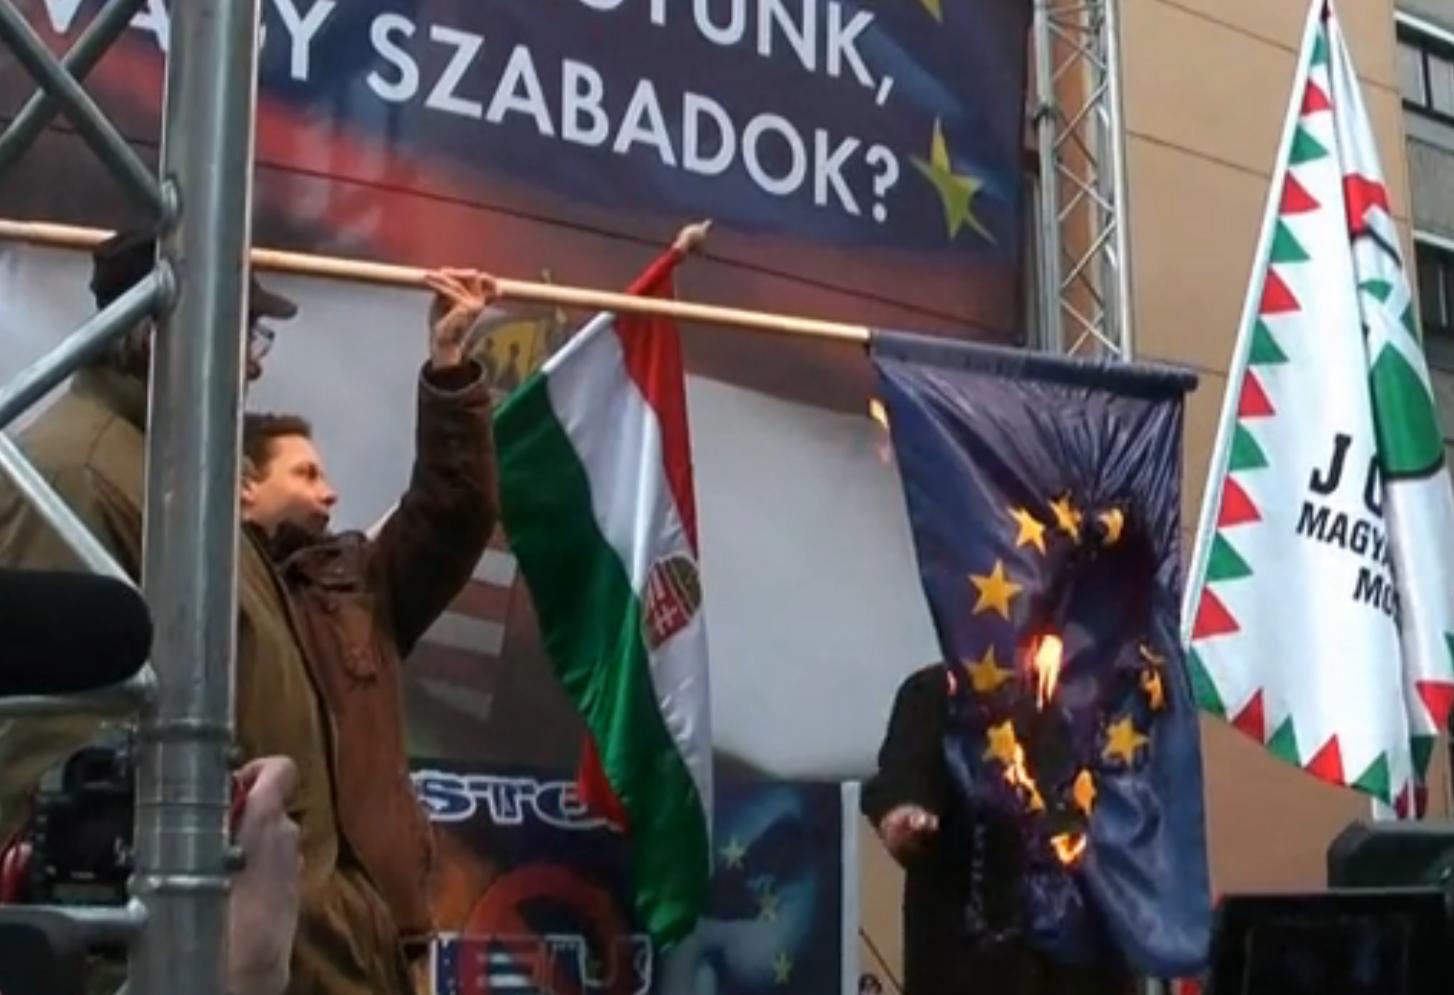 Vona Gábor most már annyira nem akar kilépni az EU-ból